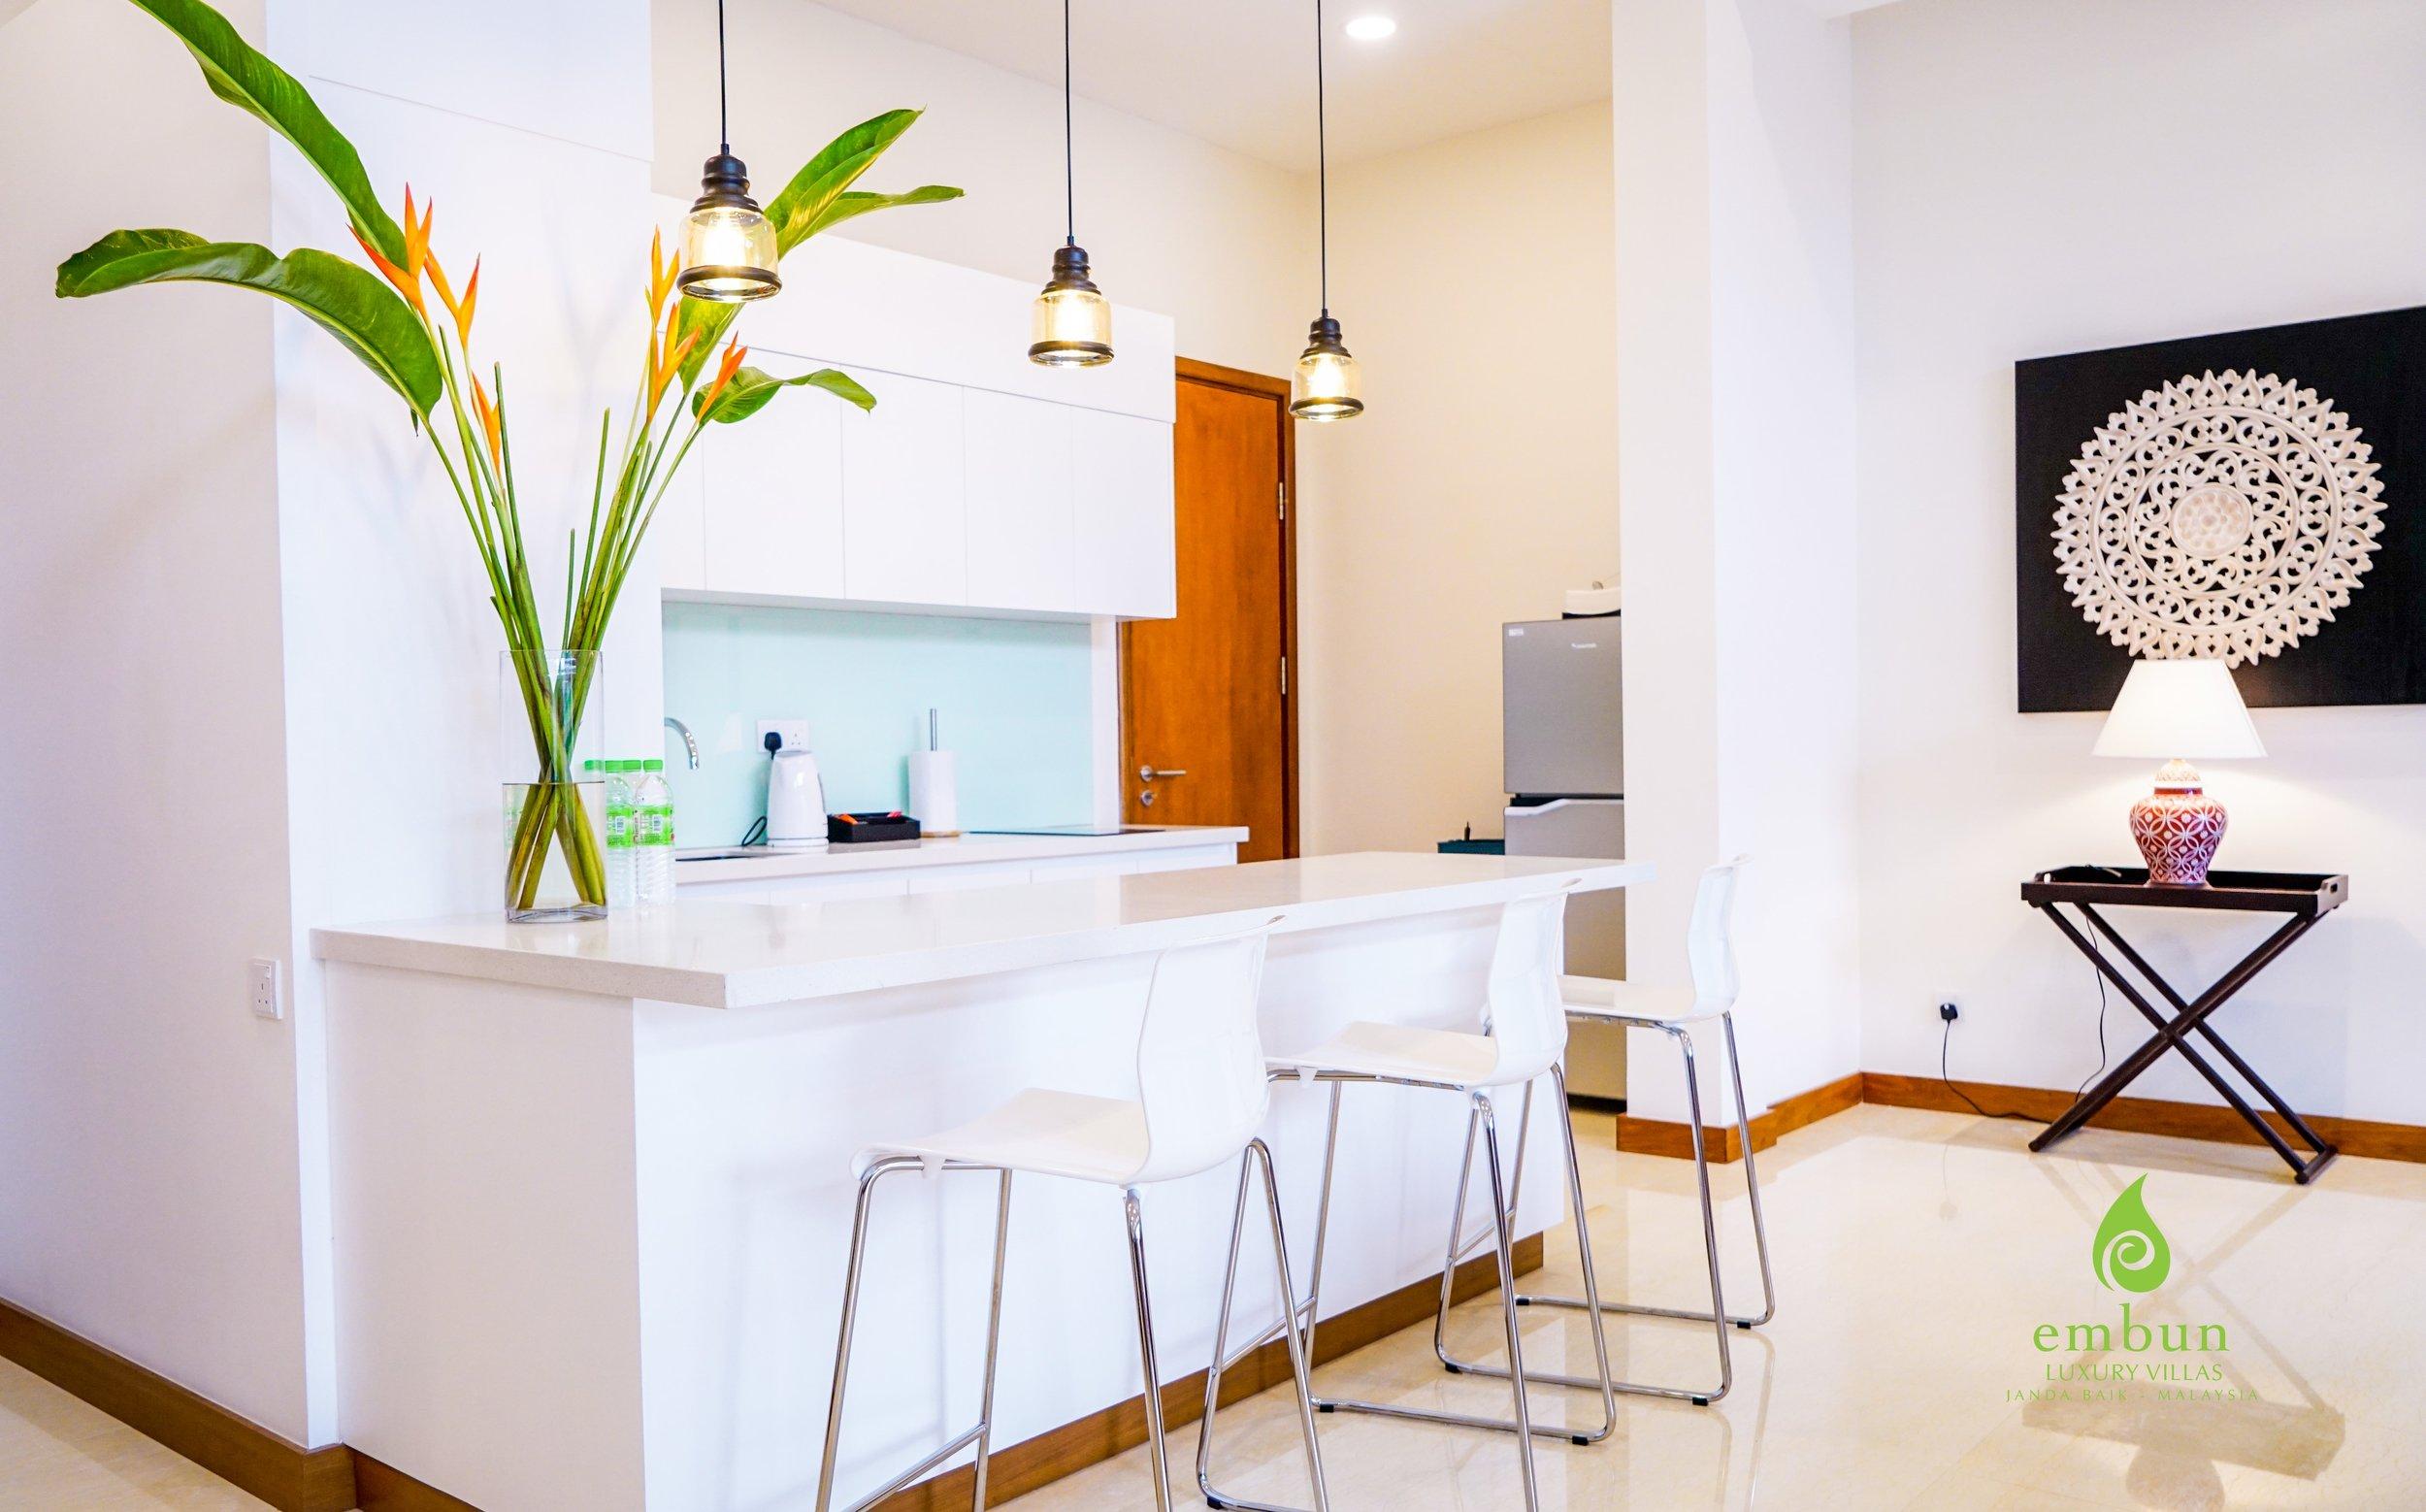 - kitchen in villa kantan, embun luxury villas